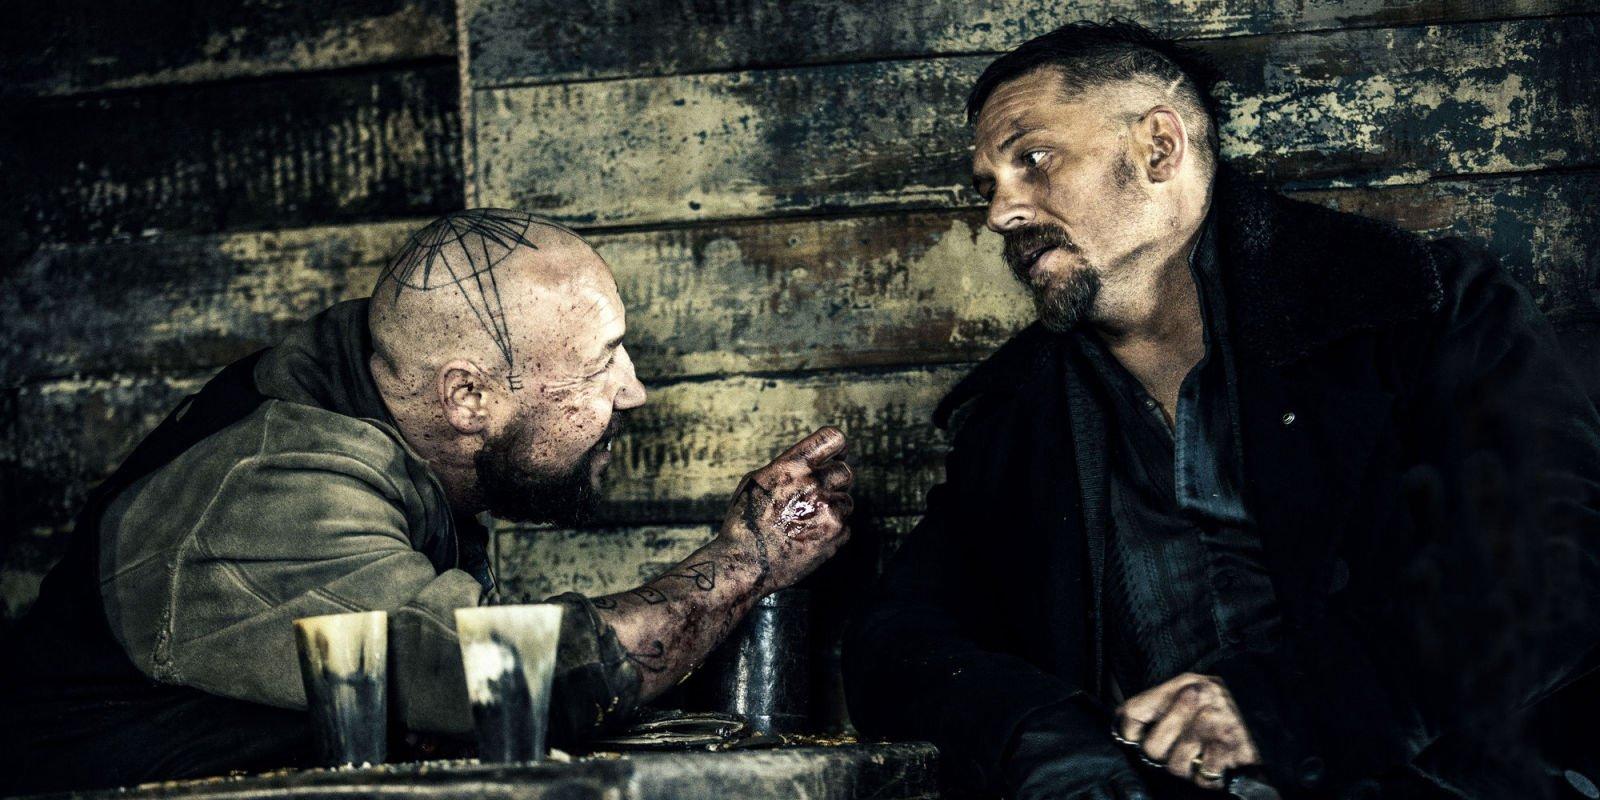 Szenenbild für Kritik Taboo Staffel 1 mit Stephen Graham und Tom Hardy in einer Kneipe